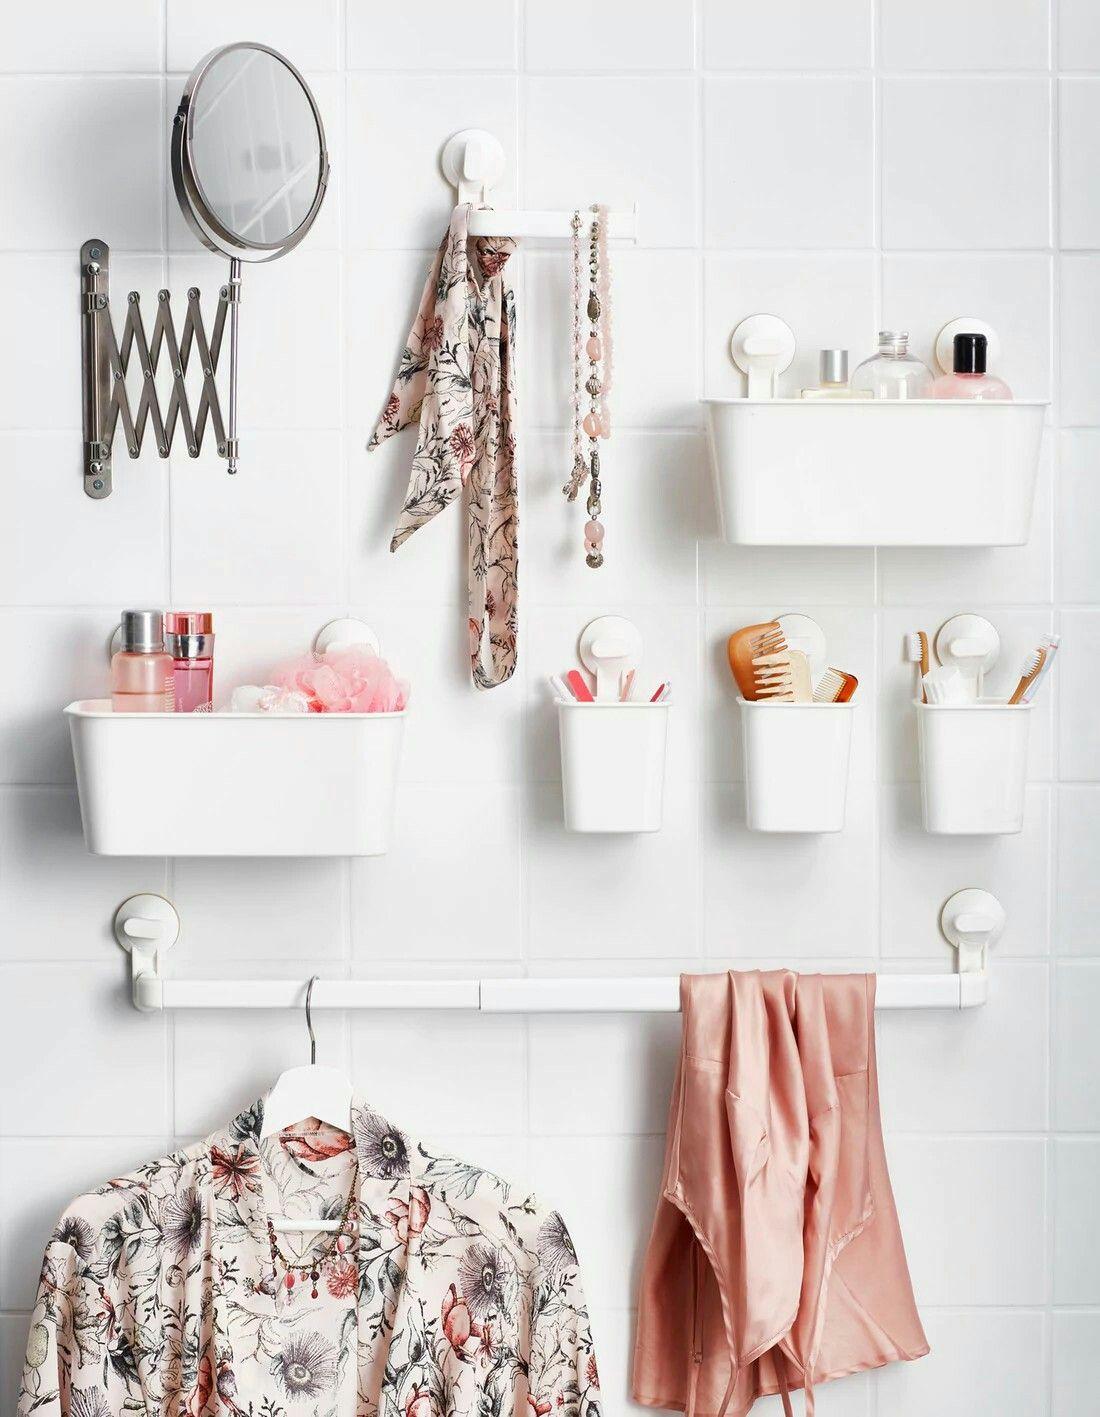 Pin by Ingrid Robbestad Gylterud on bathroom | Pinterest | Konmari ...